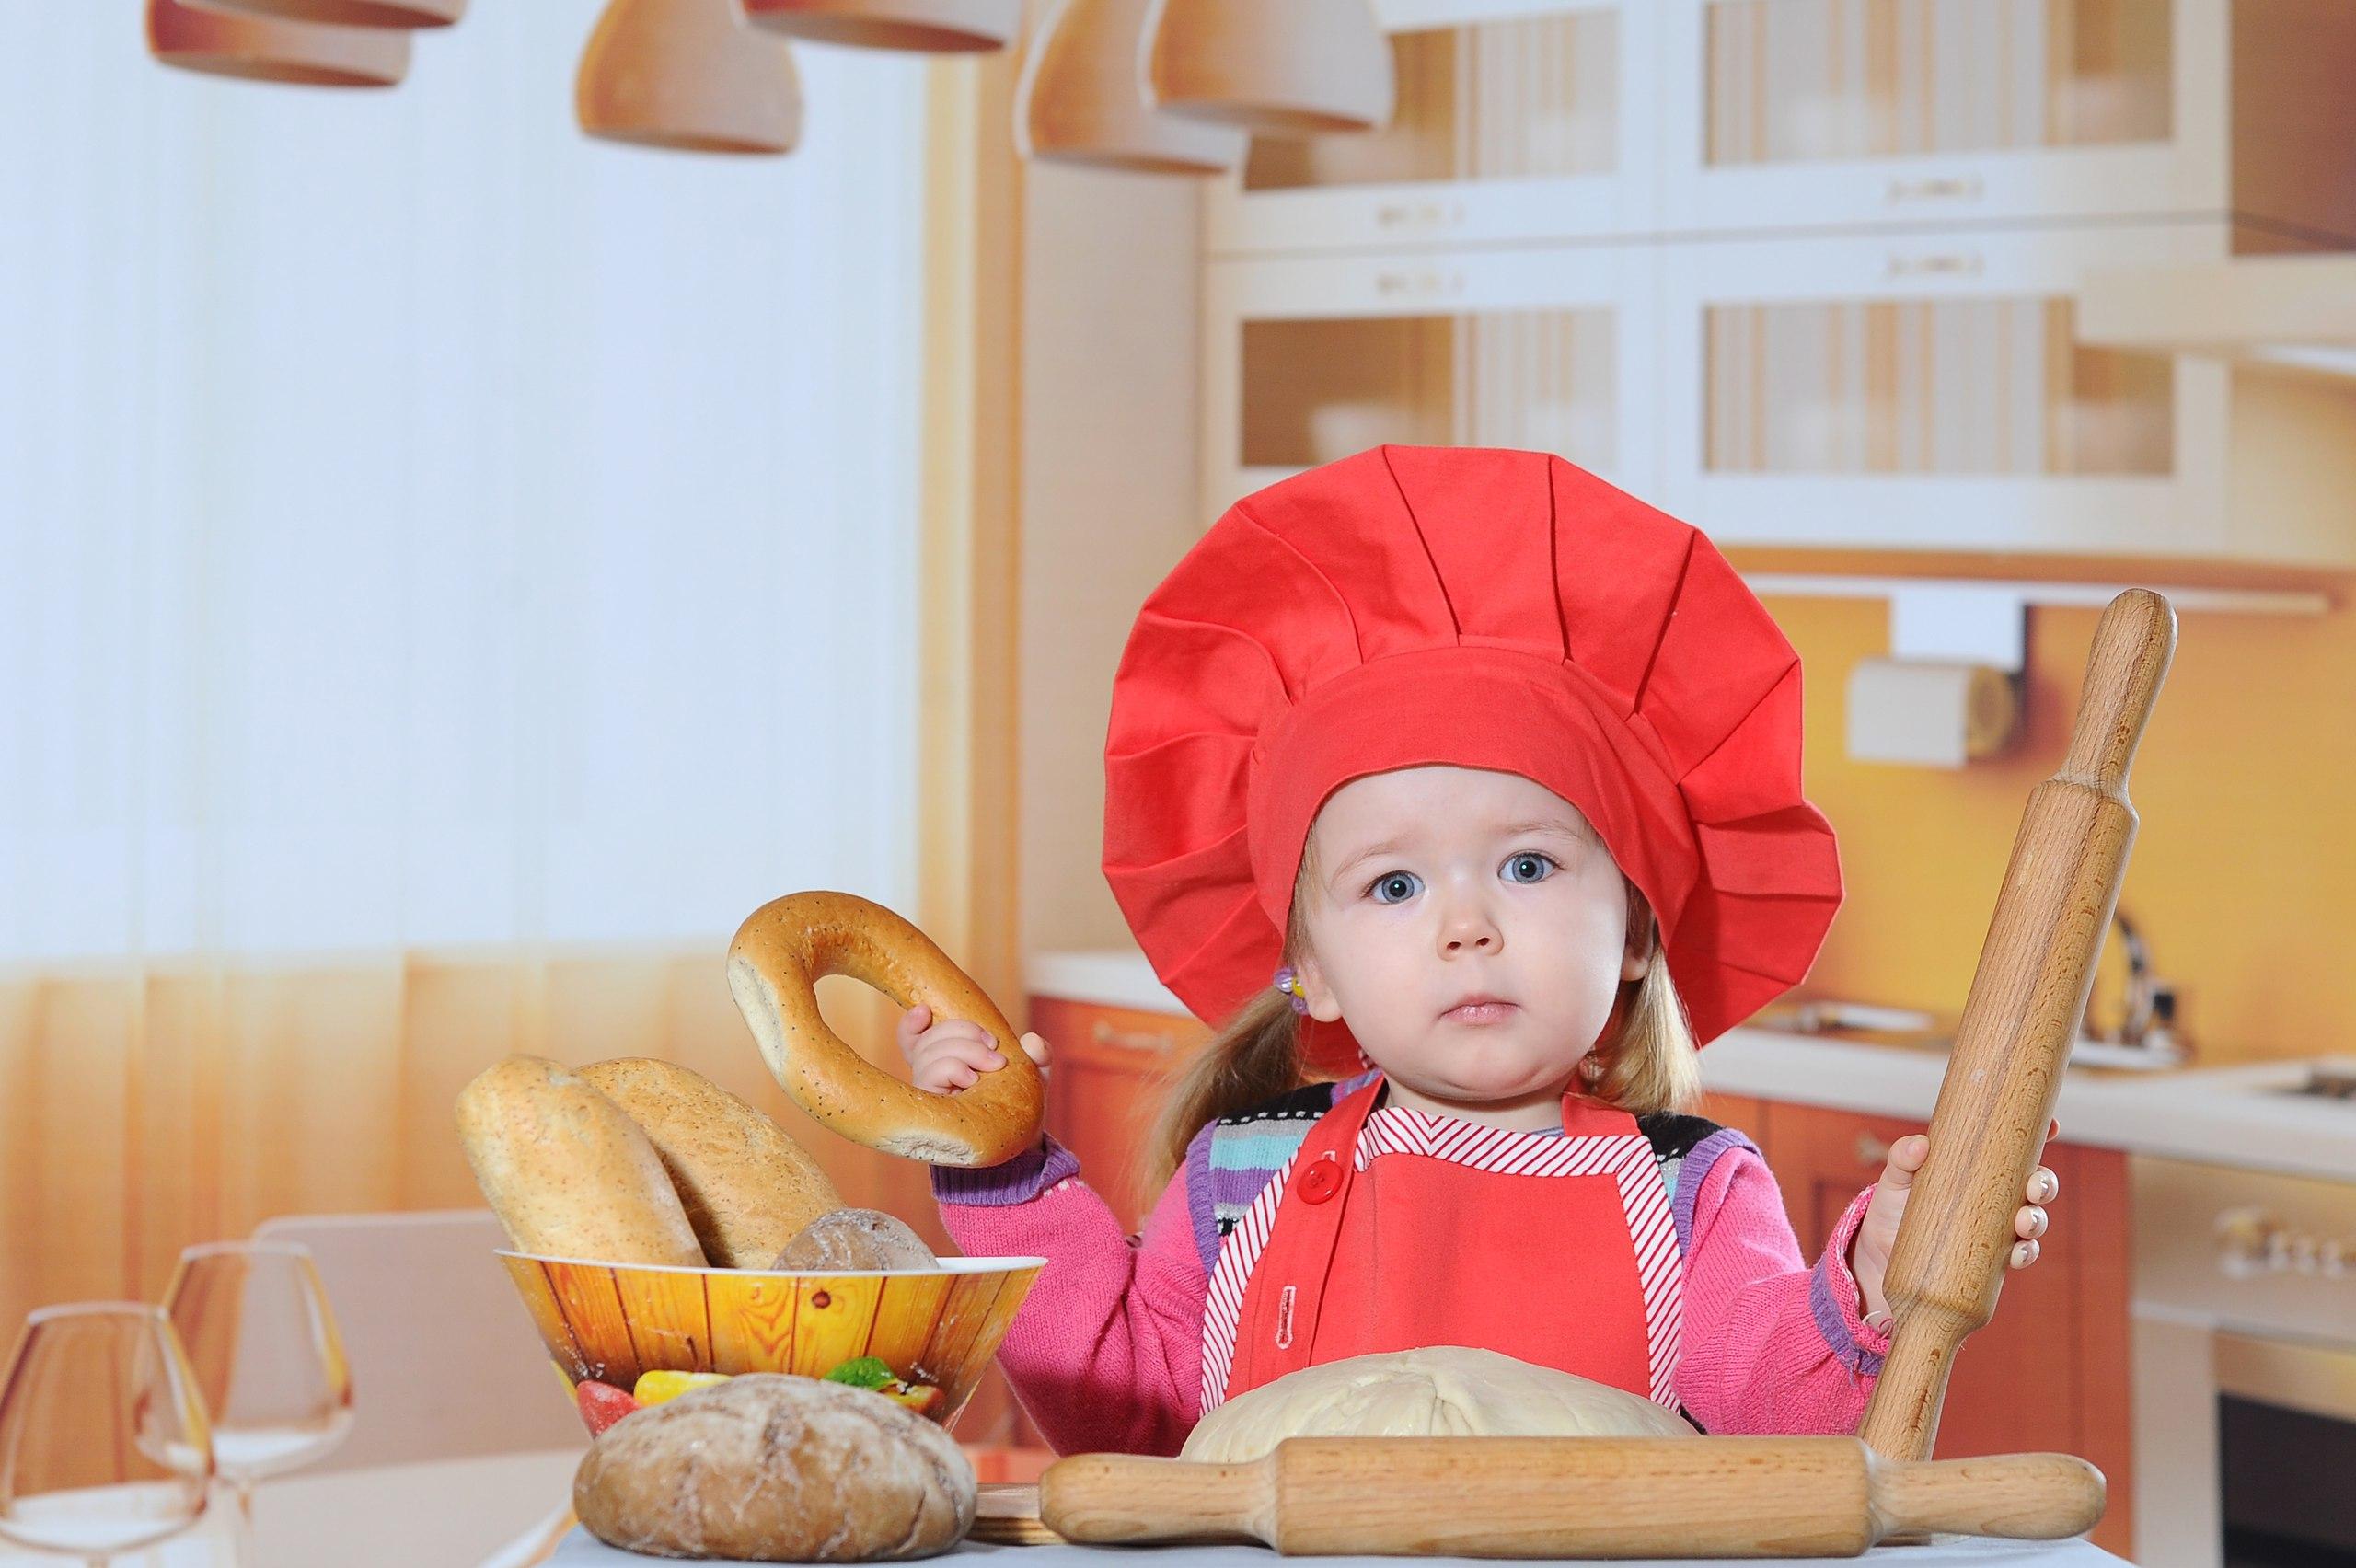 Шеф-повар Викуля! . Настоящая хозяйка